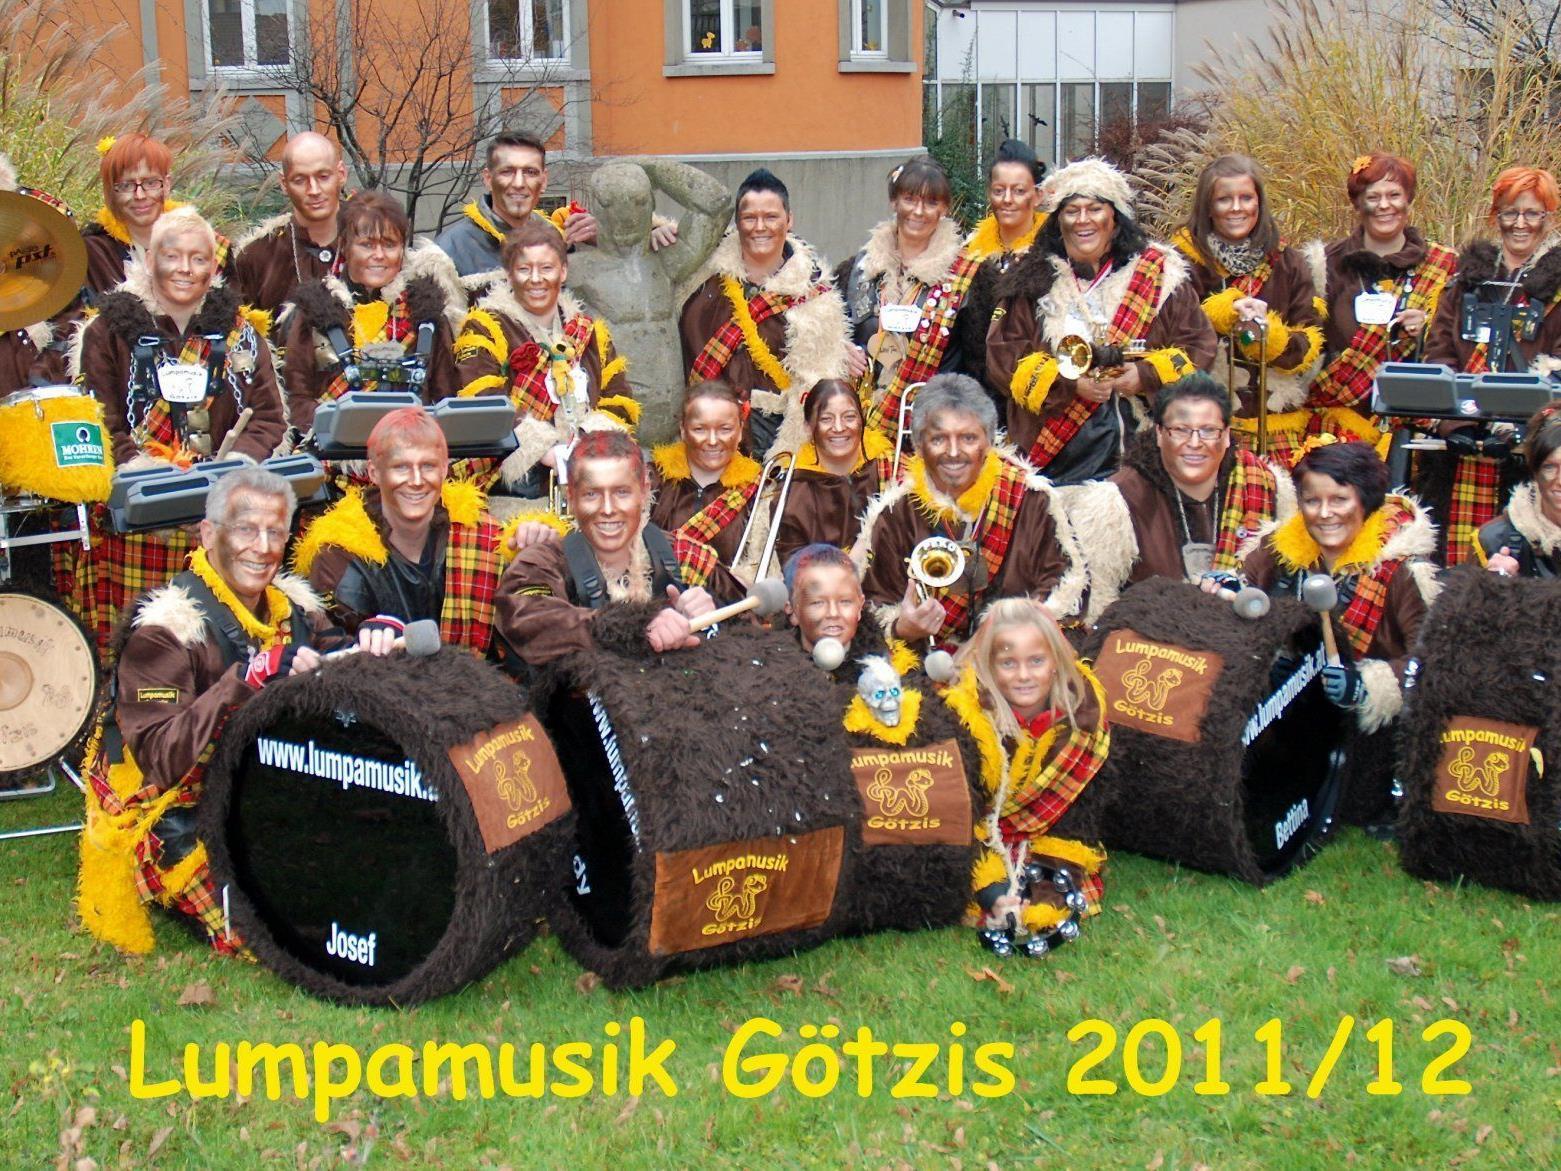 Fasnateröffnung der Lumpamusik Götzis in Götzis, Götzis Berg, Mäder und Meiningen